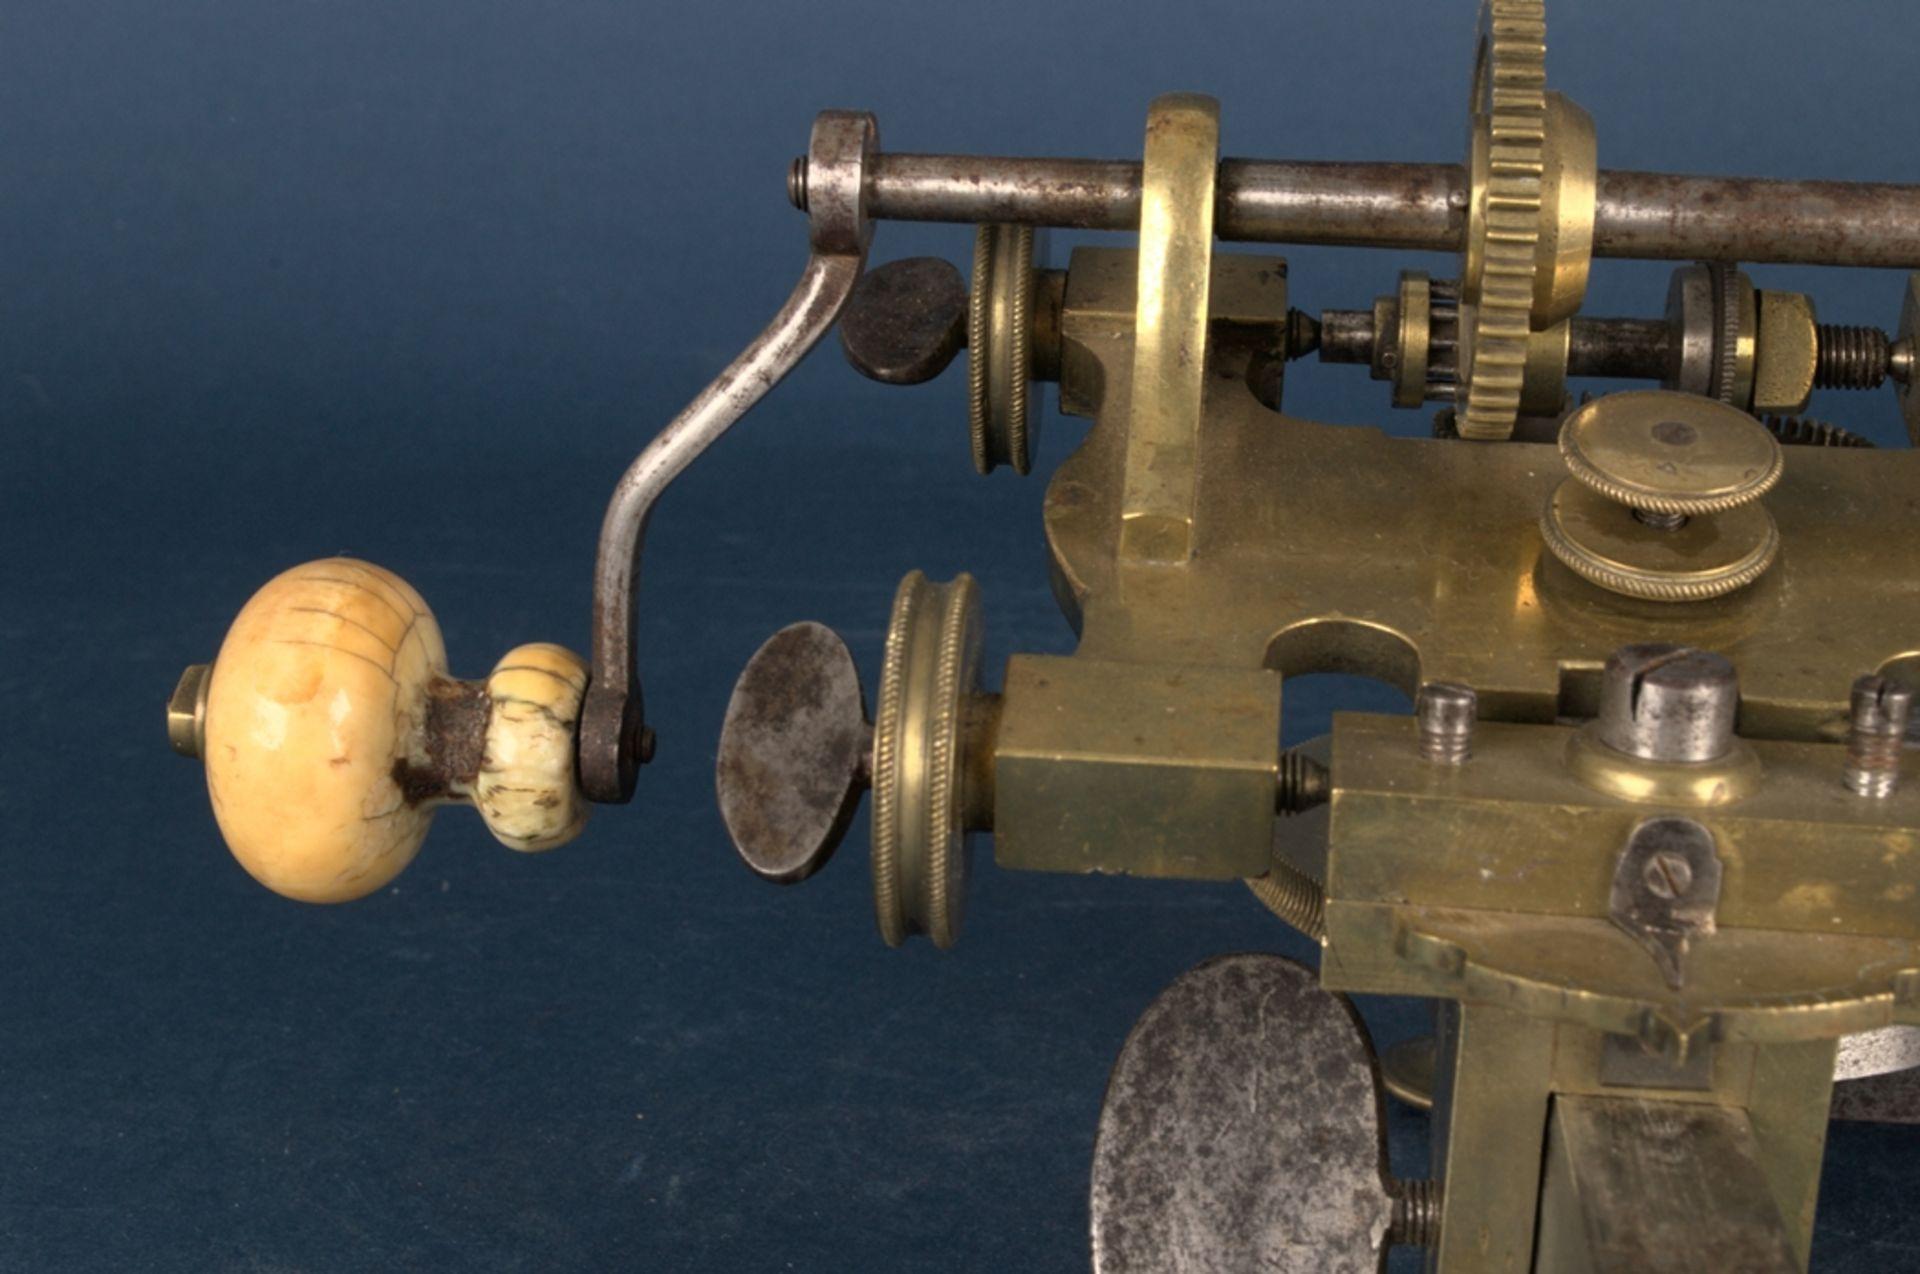 Zahnradfräsmaschine/Zahnräderschneidemaschine, frühes Uhrmacherwerkzeug, deutsch Mitte 18. Jhd., - Bild 7 aus 29